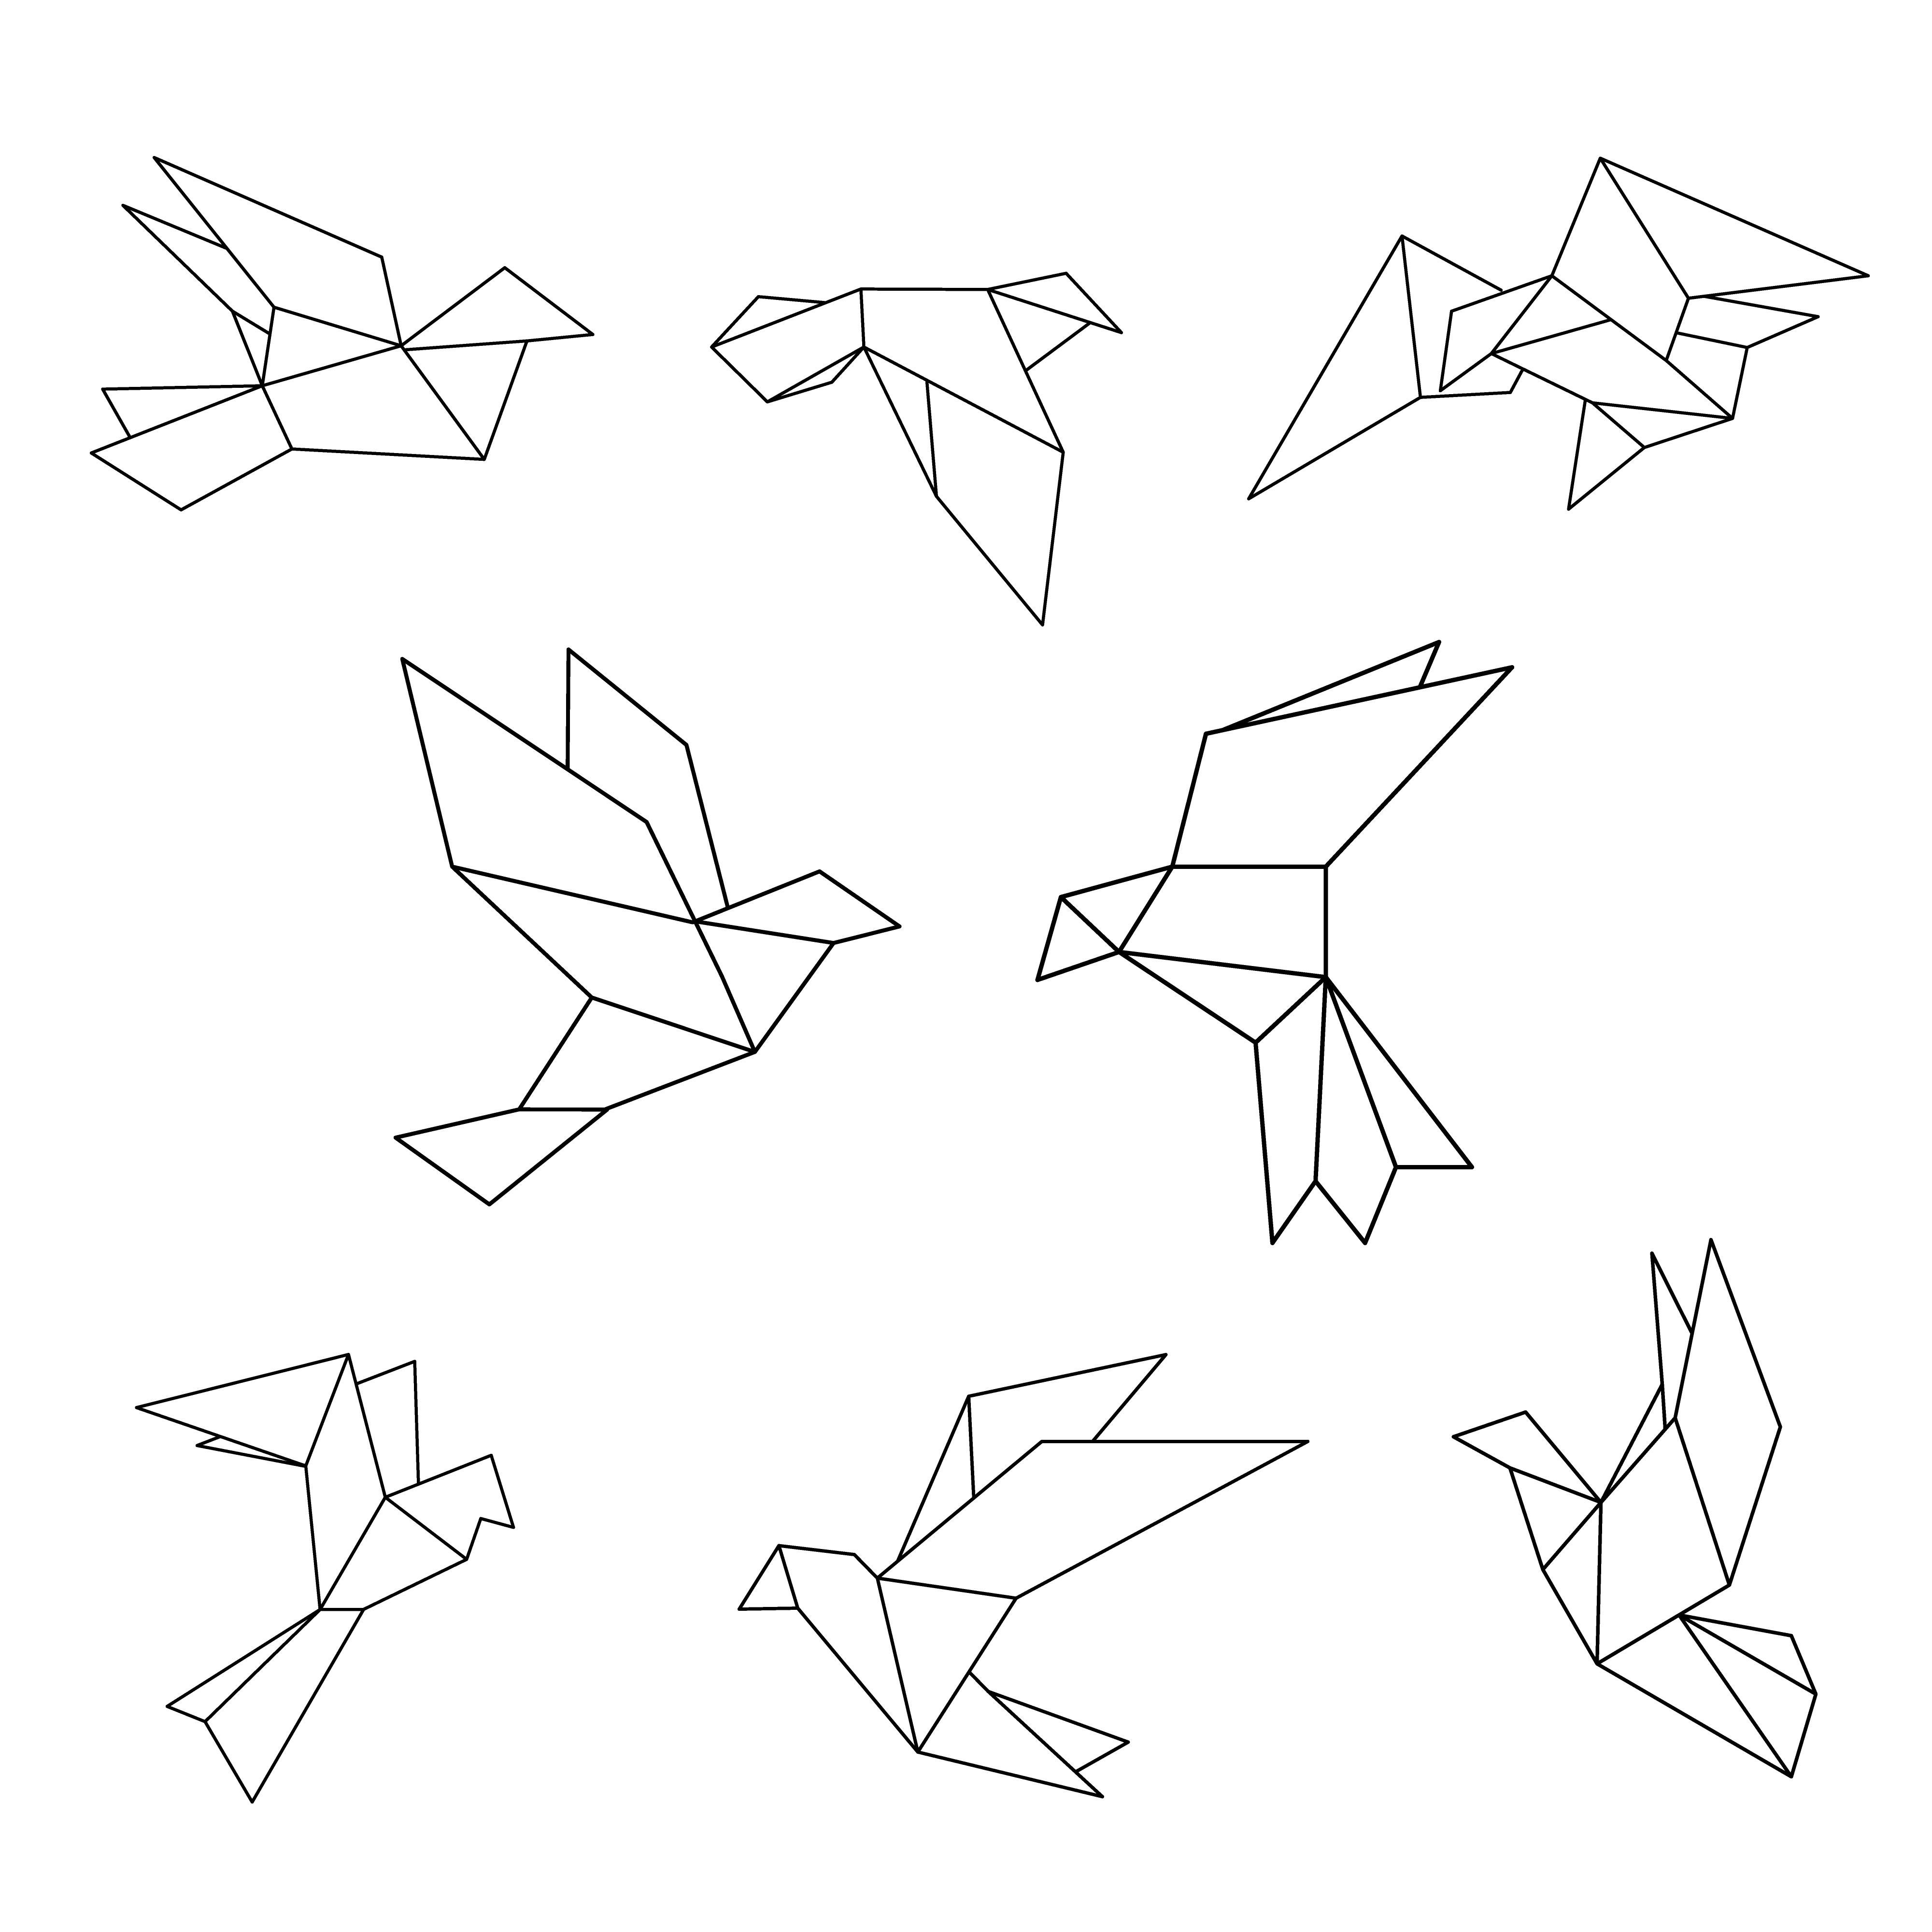 bd4d6c0ce Conjunto de línea negra paloma geométrica. - Descargue Gráficos y Vectores  Gratis